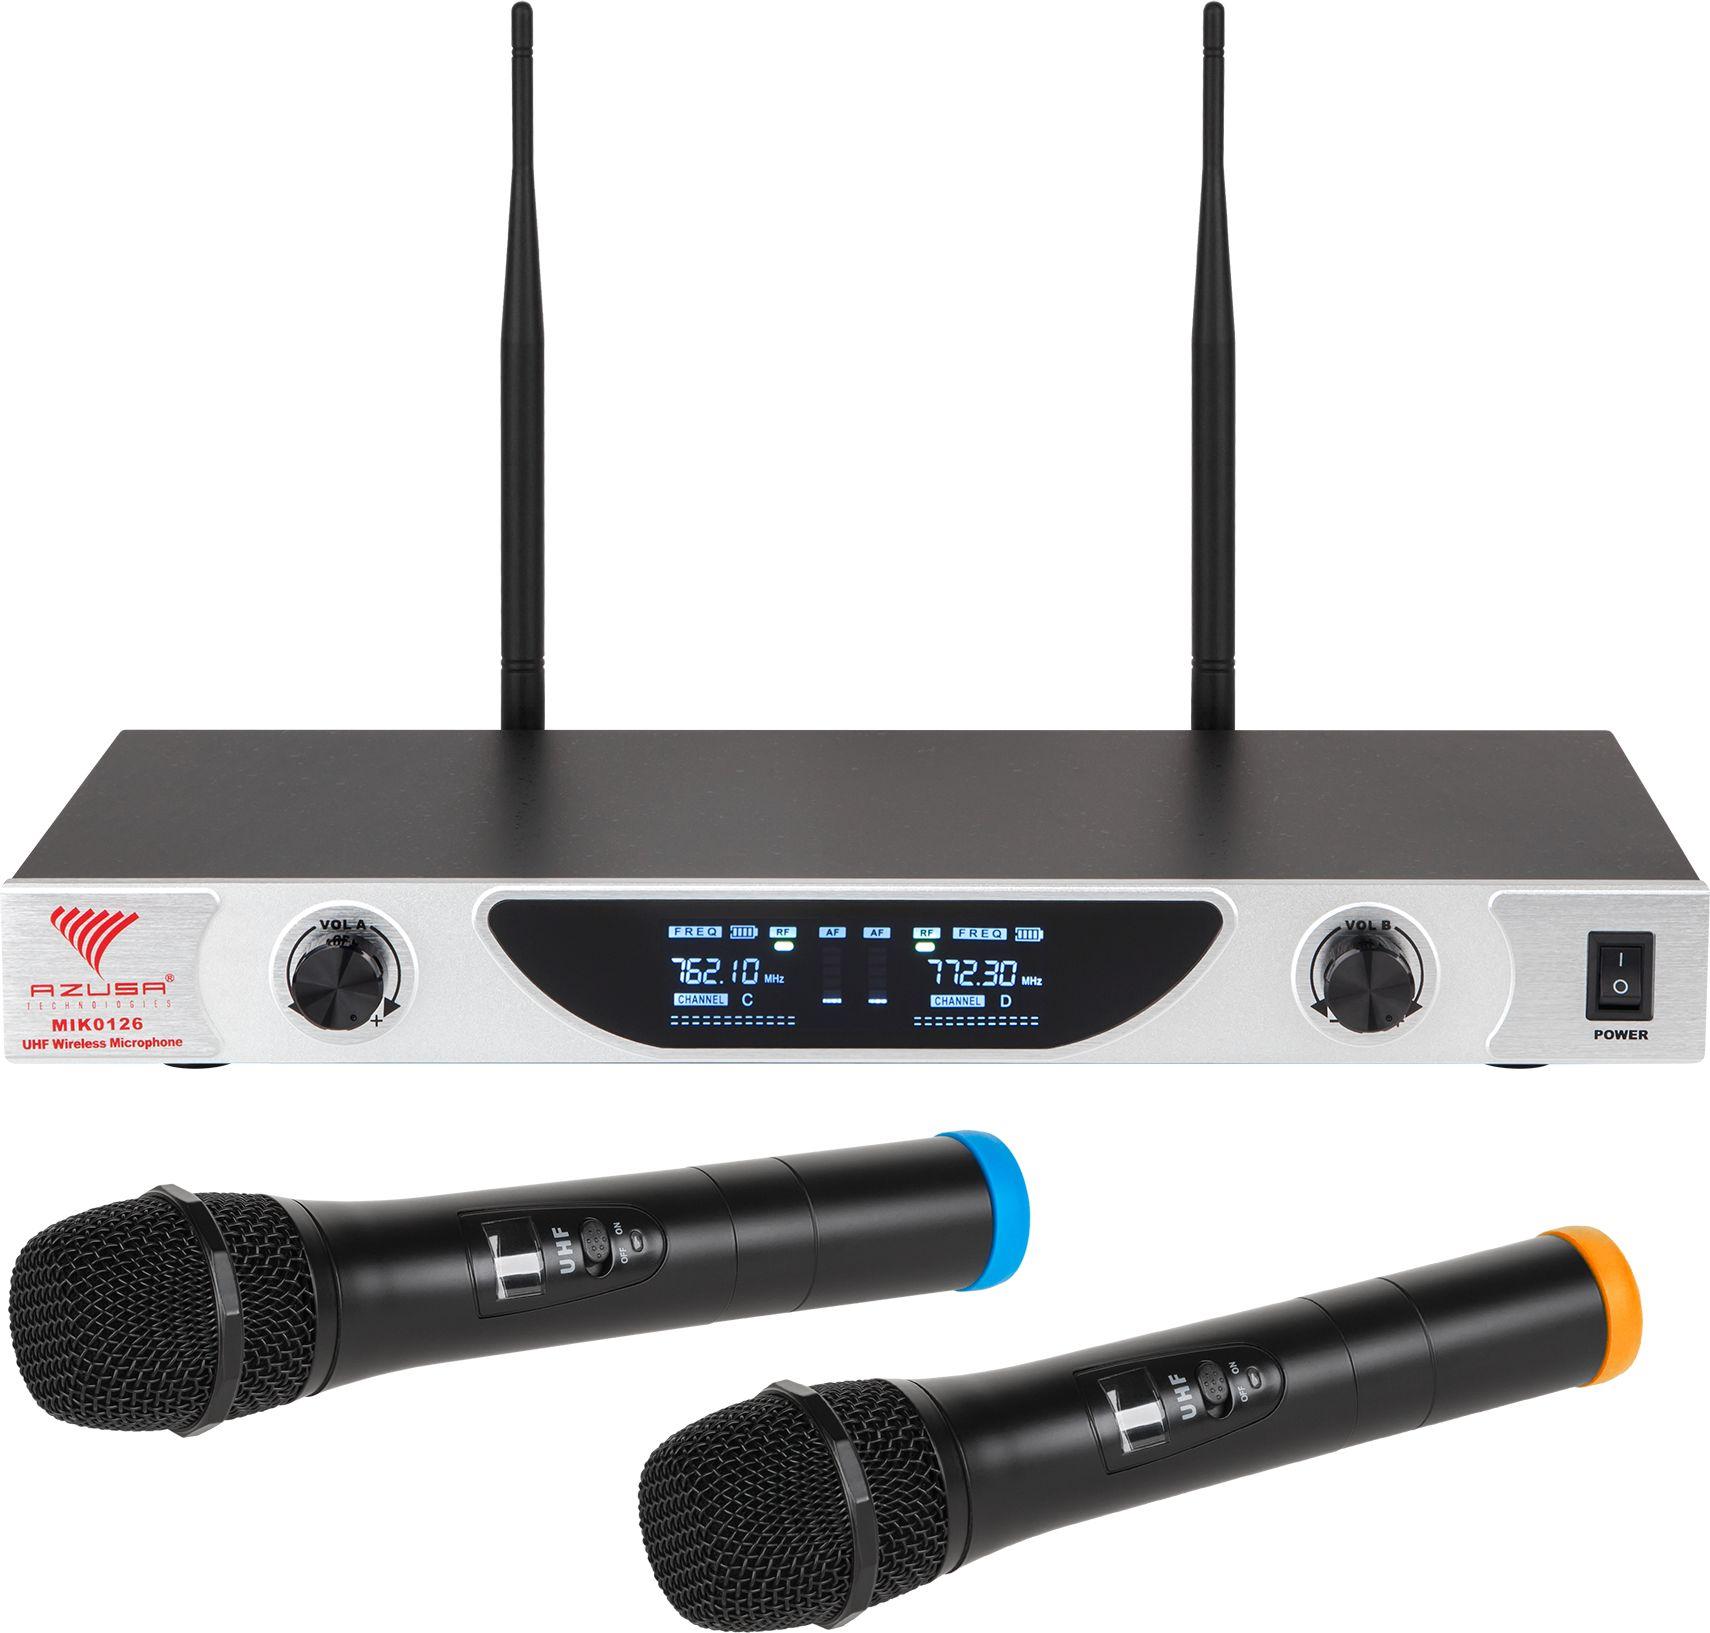 Mikrofon bezprzewodowy UHF Azusa dwukanałowy SE-2022